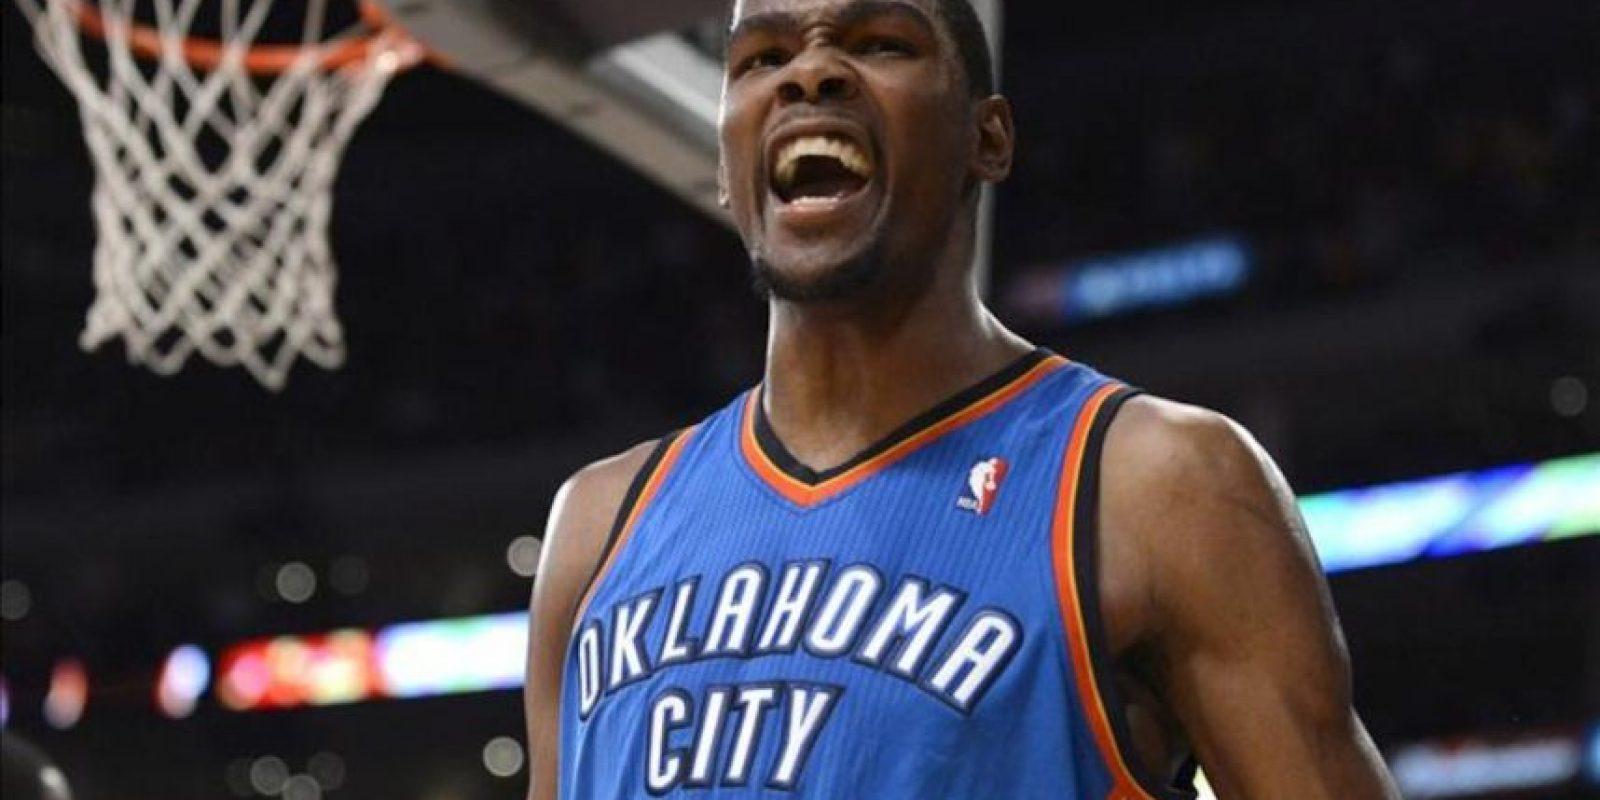 El jugador de los Oklahoma City Thunder Kevin Durant, grita en el partido de la NBA contra los Lakers de Los Ángeles. EFE